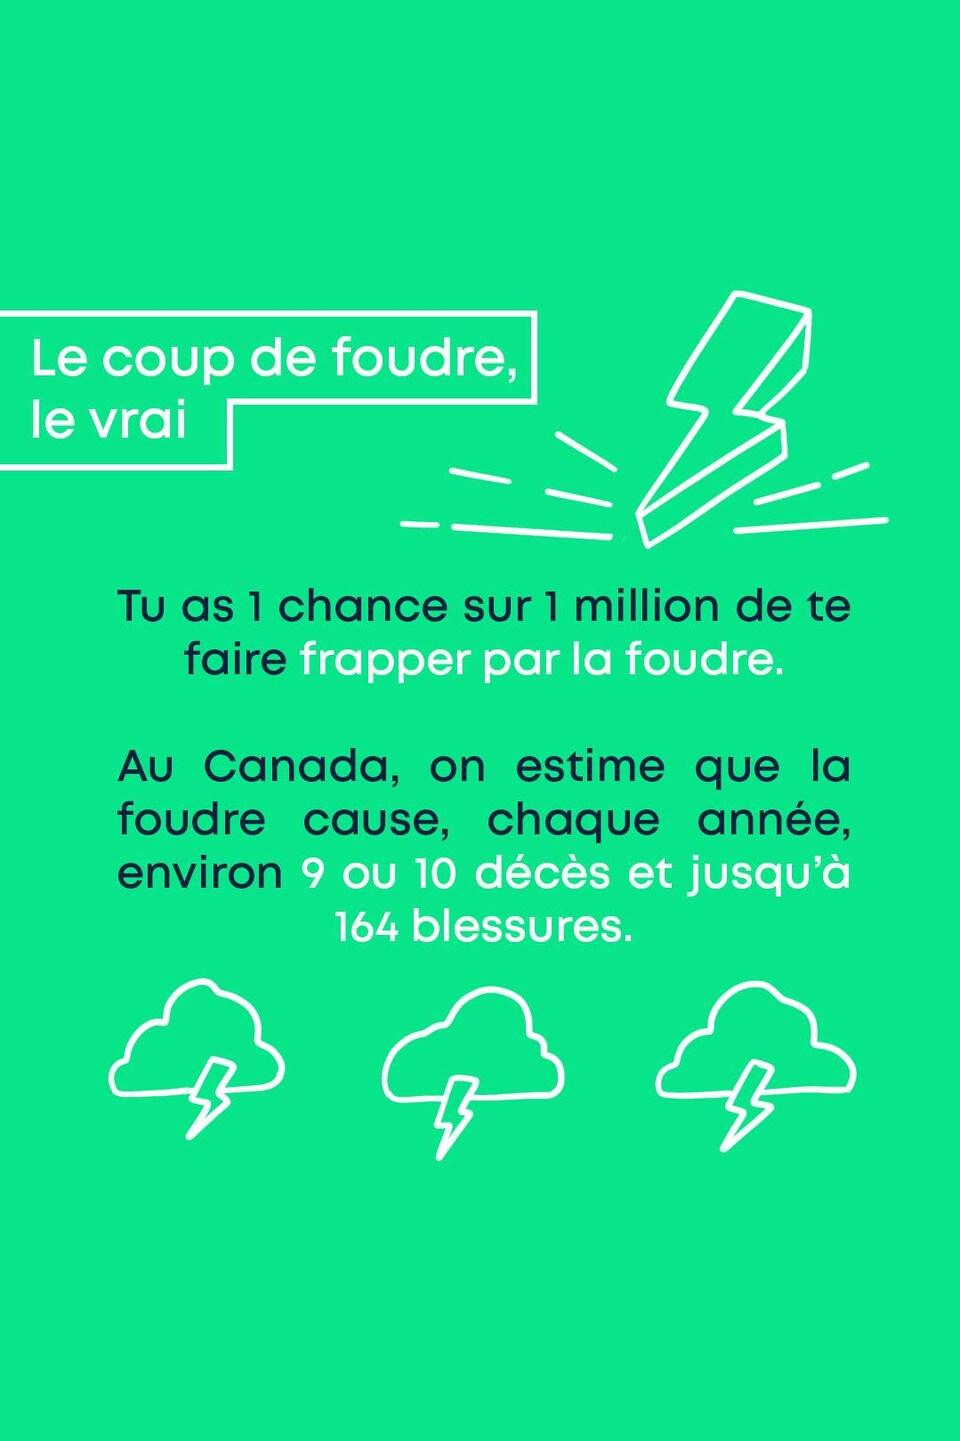 Le coup de foudre, le vrai : Tu as 1 chance sur 1 million de te faire frapper par la foudre. Au Canada, on estime que la foudre cause, chaque année, environ 9 ou 10 décès et jusqu'à 164 blessures.